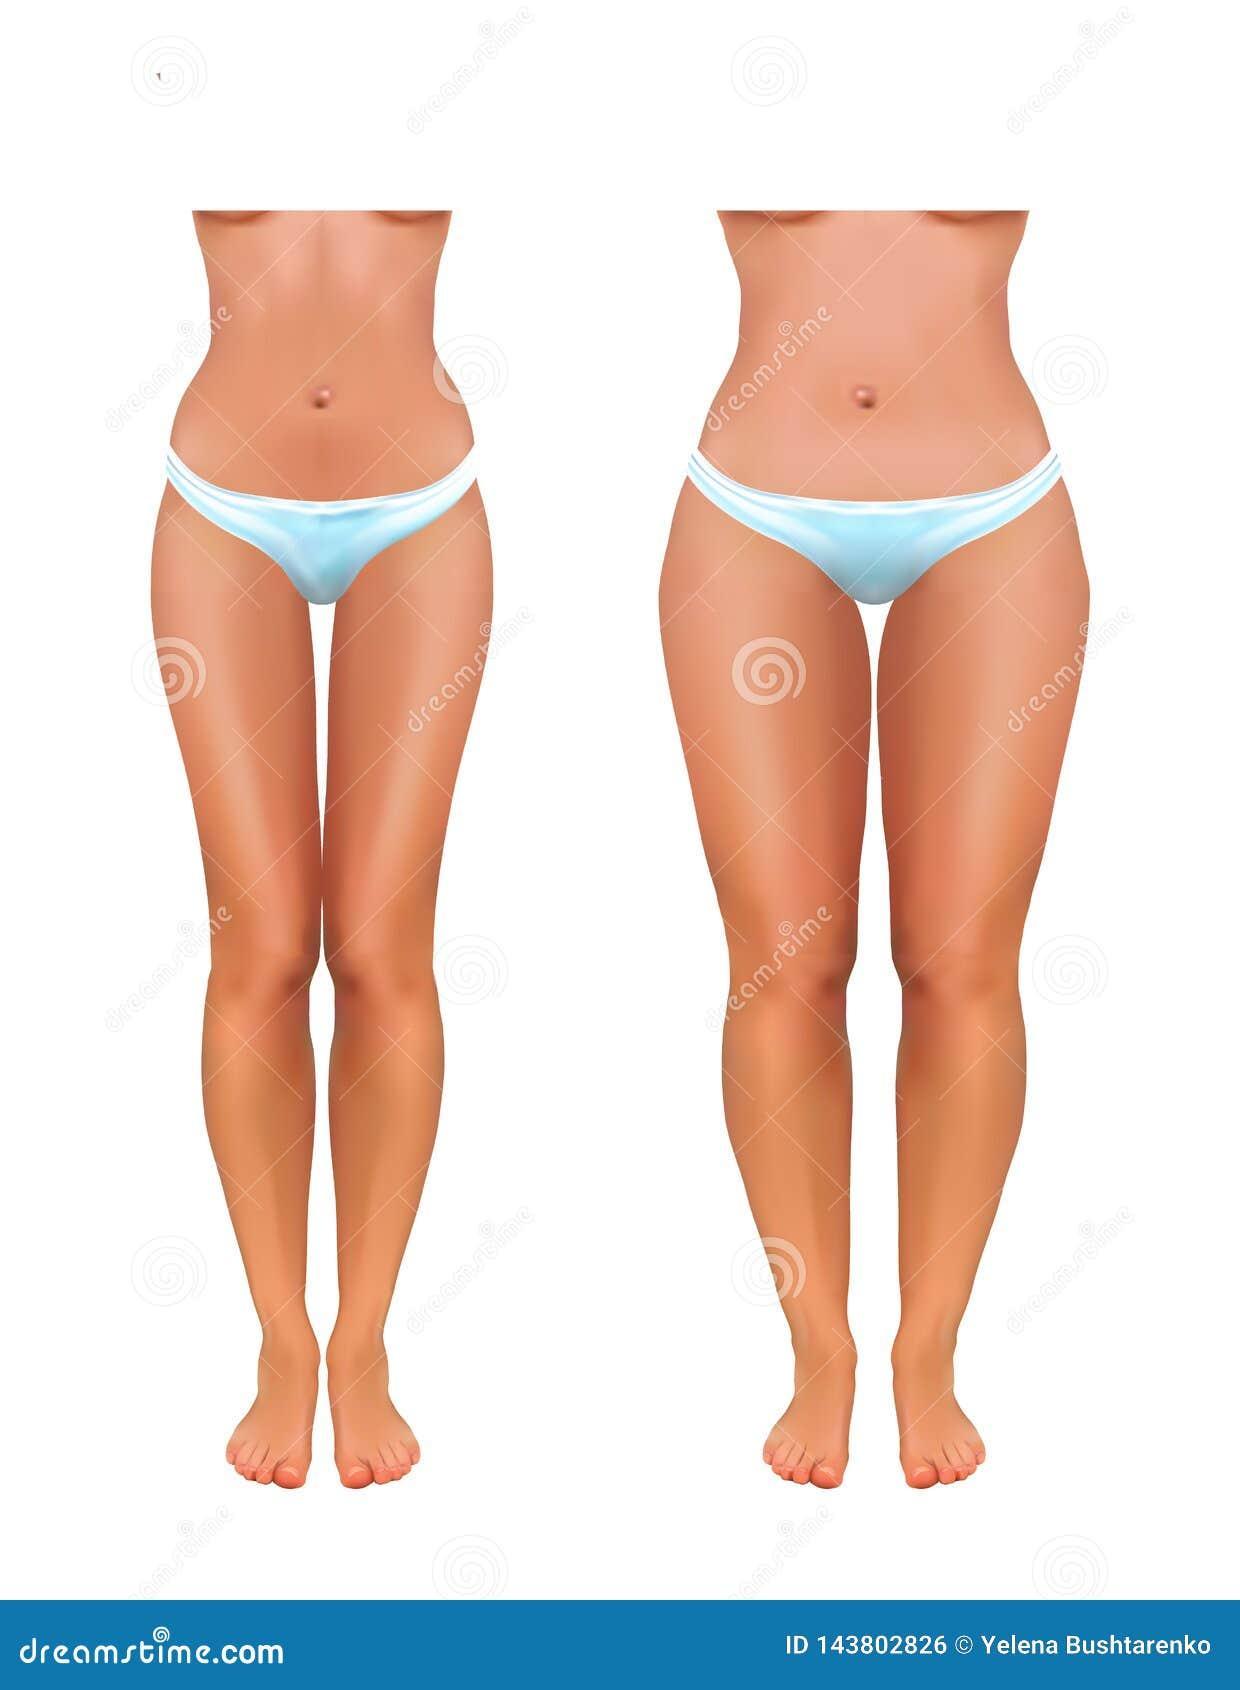 PERTE de graisse et esthétisme corporelle, un programme accessible à tous